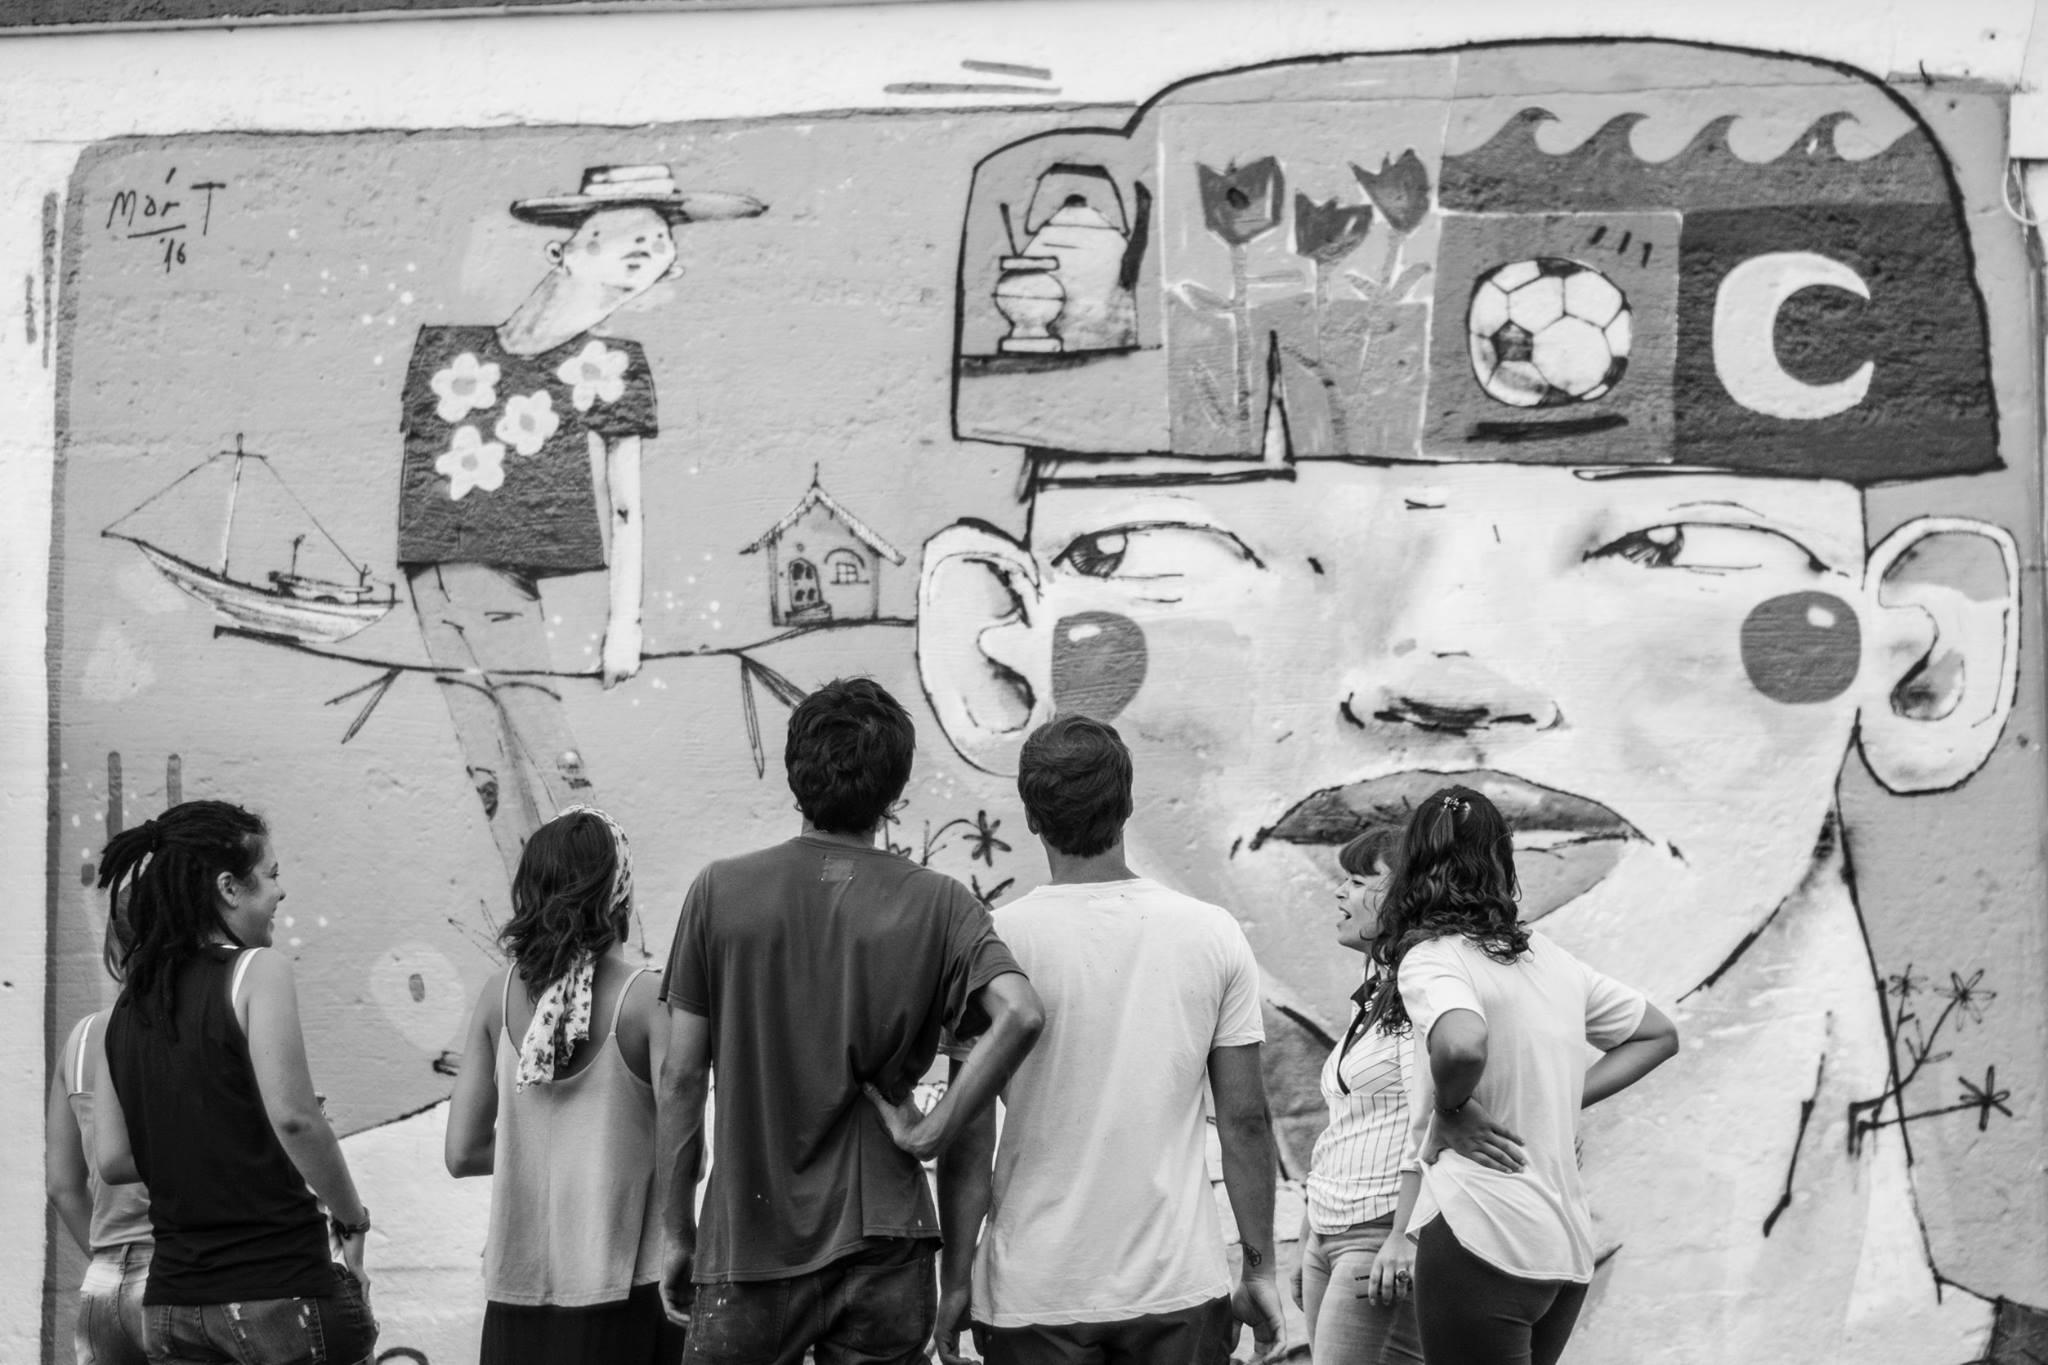 MART Street art Armstrong Campo en Blanco